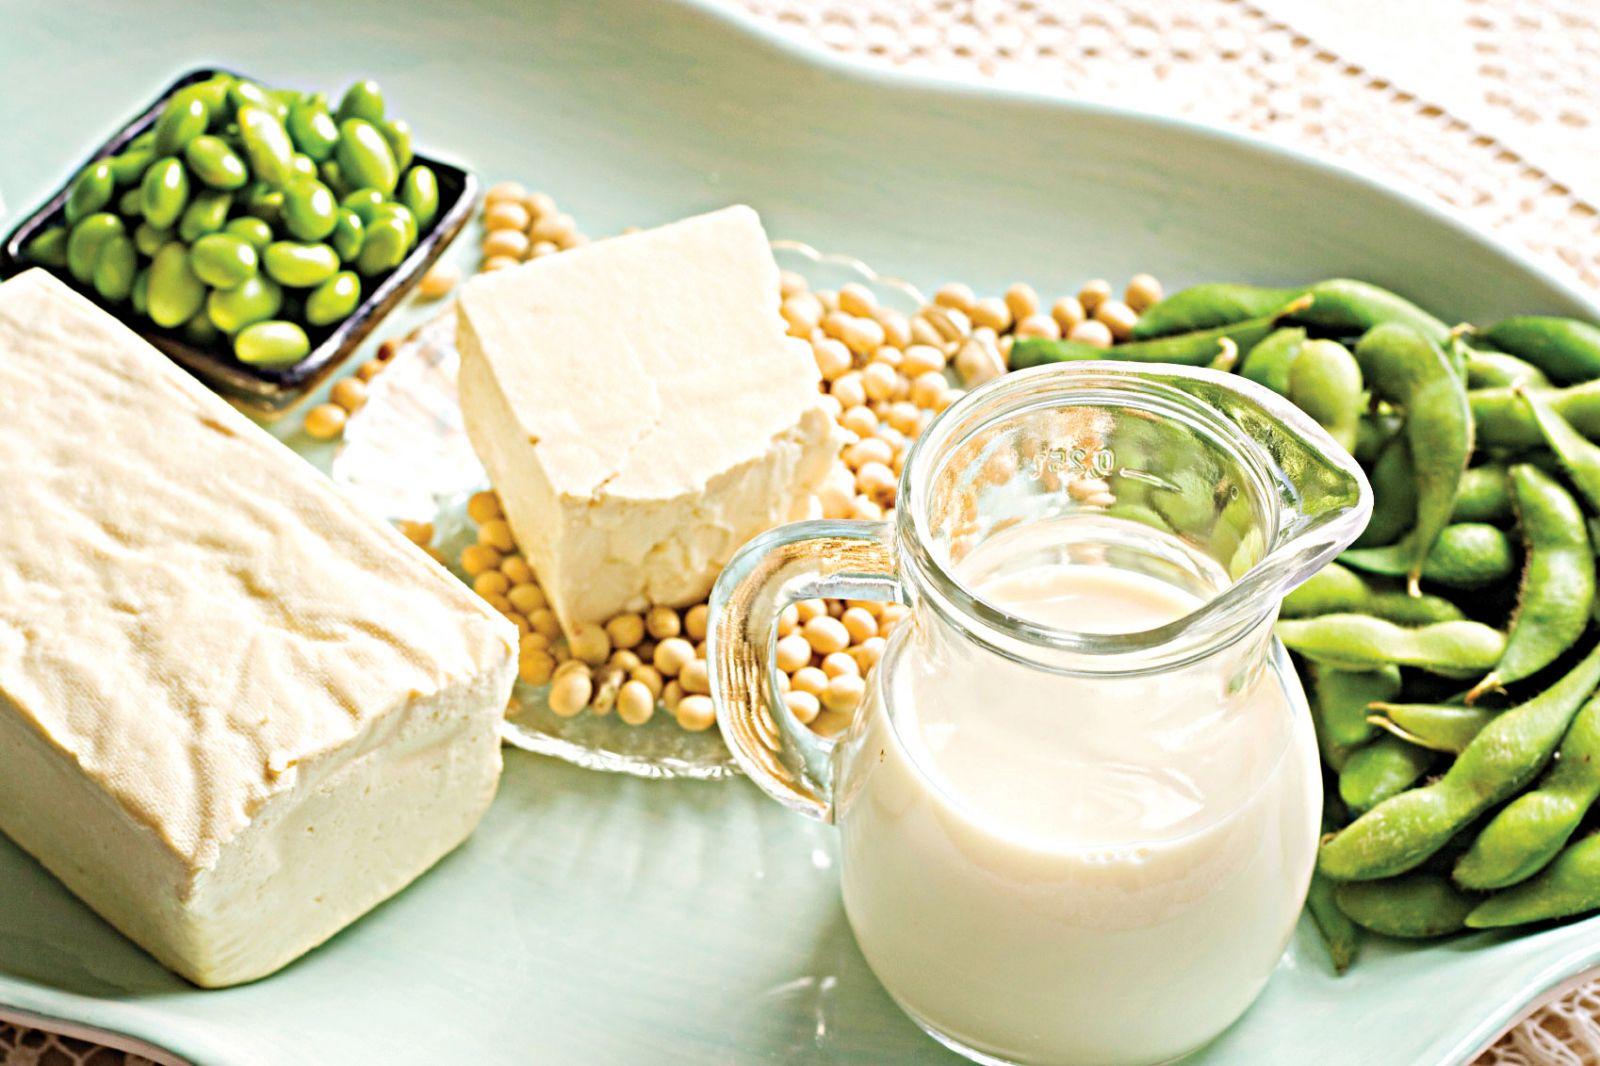 đâụ là một loại thực phẩm giàu protein